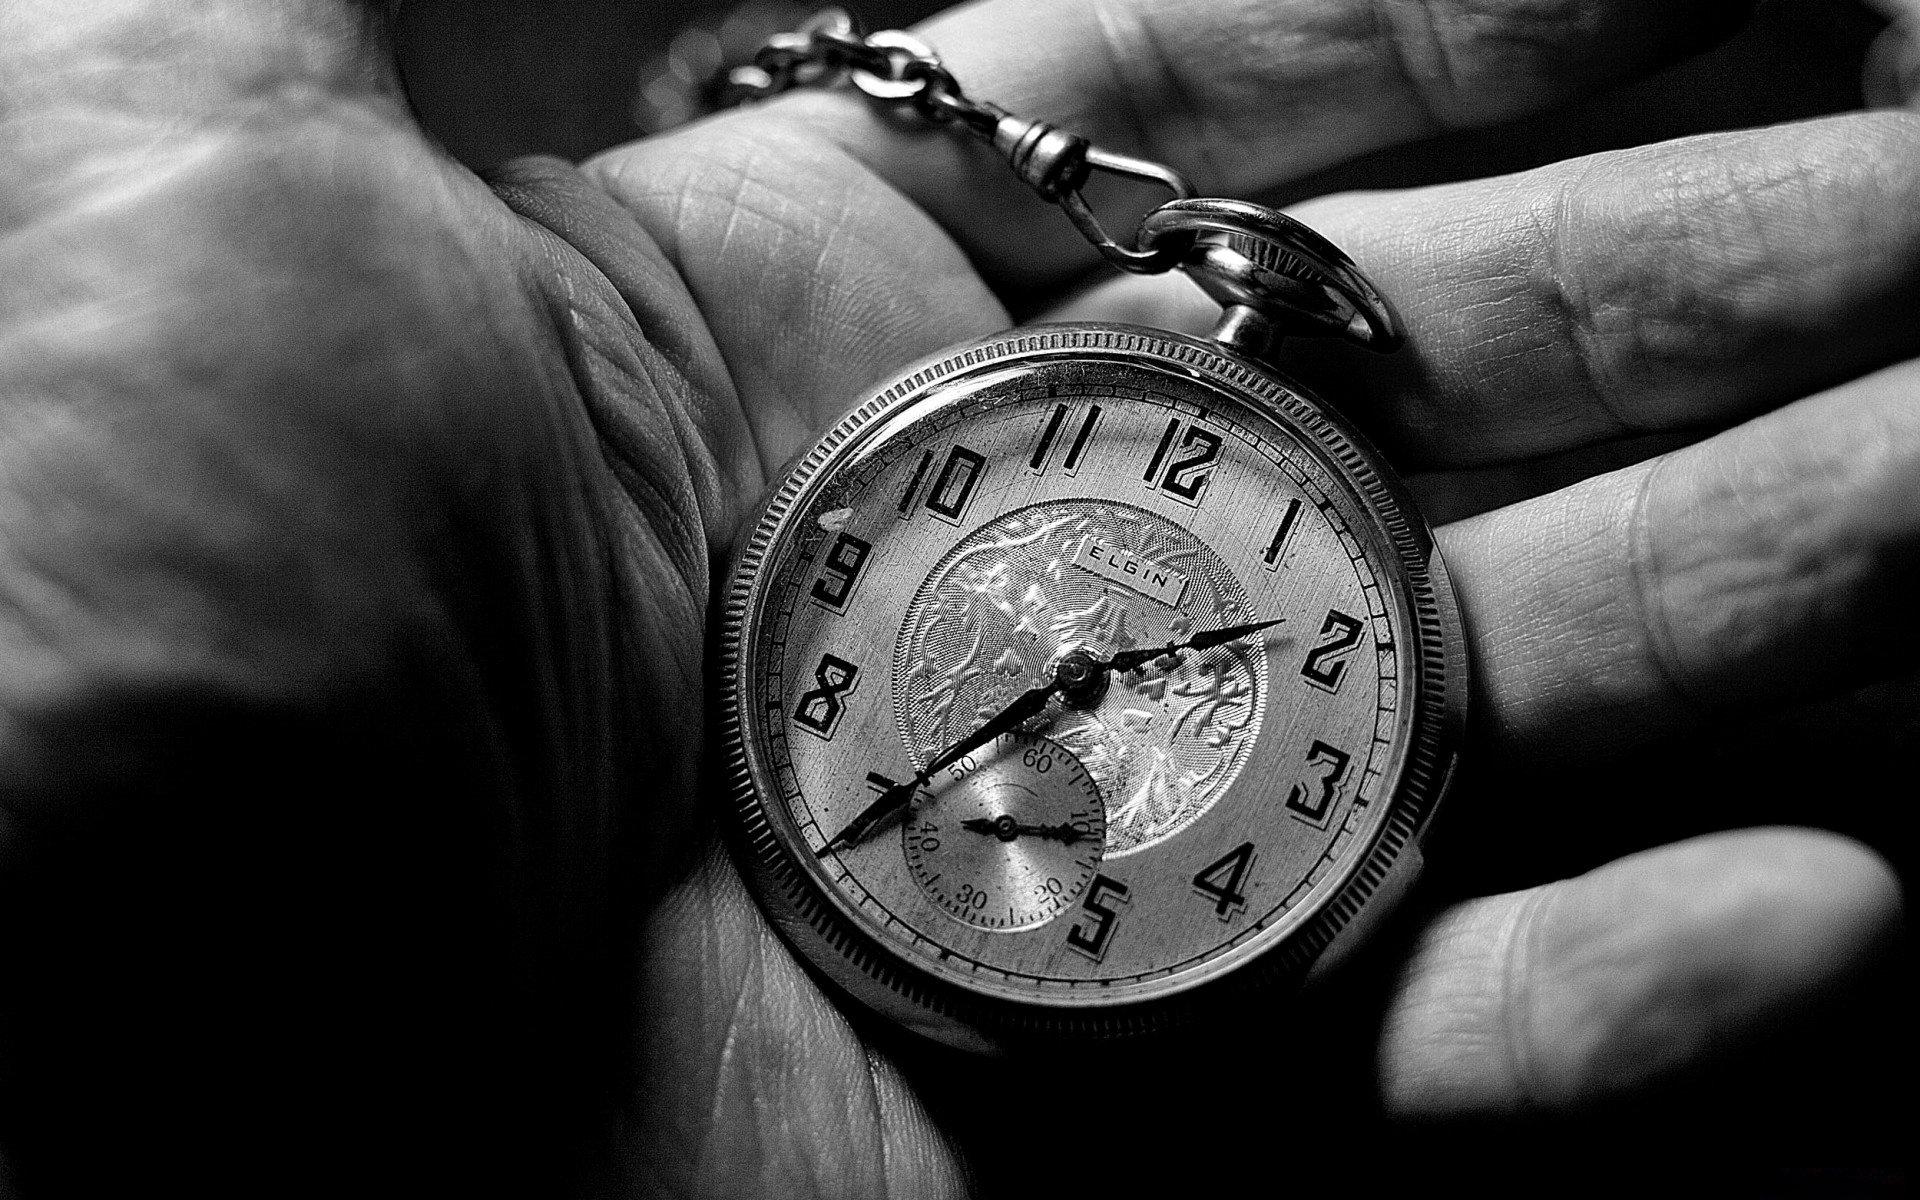 Что делать, если не хочется жить: 11 шагов, которые помогут справиться с ситуацией фото 4